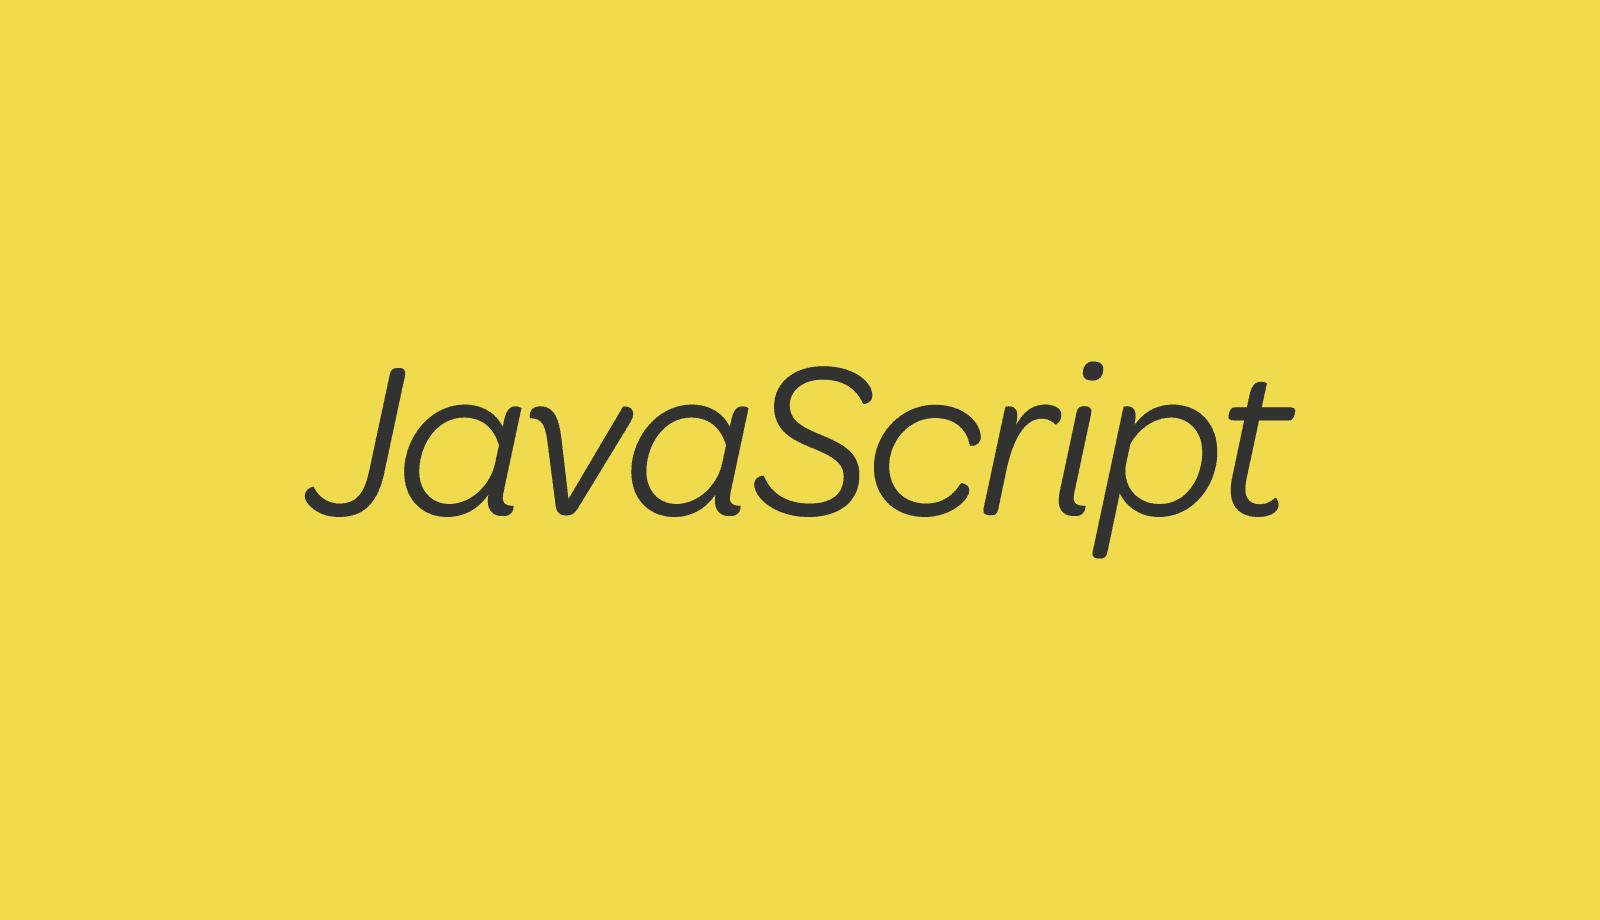 JavaScriptを理解する - レキシカルスコープとクロージャ